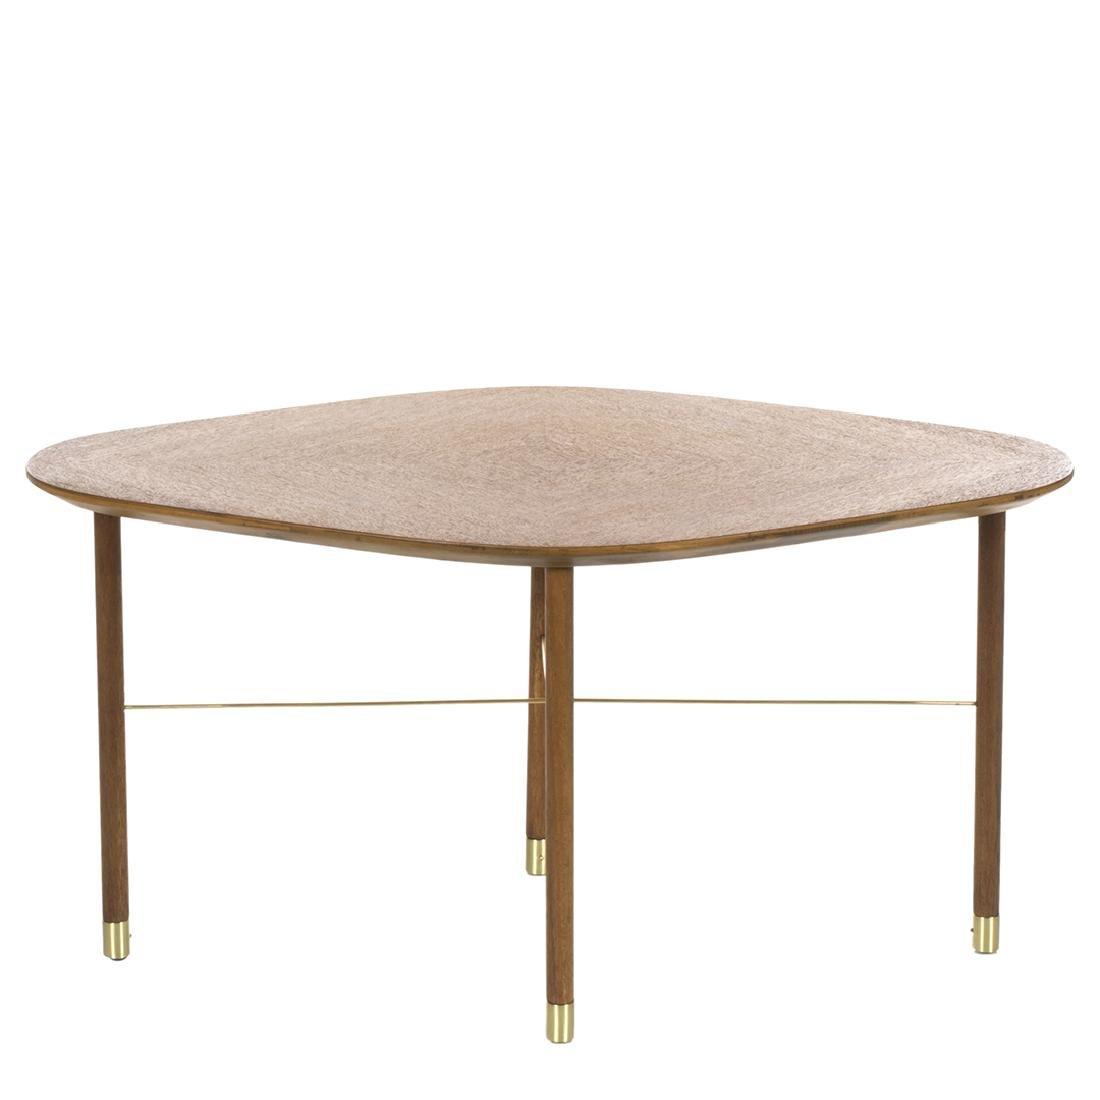 John Keal side table